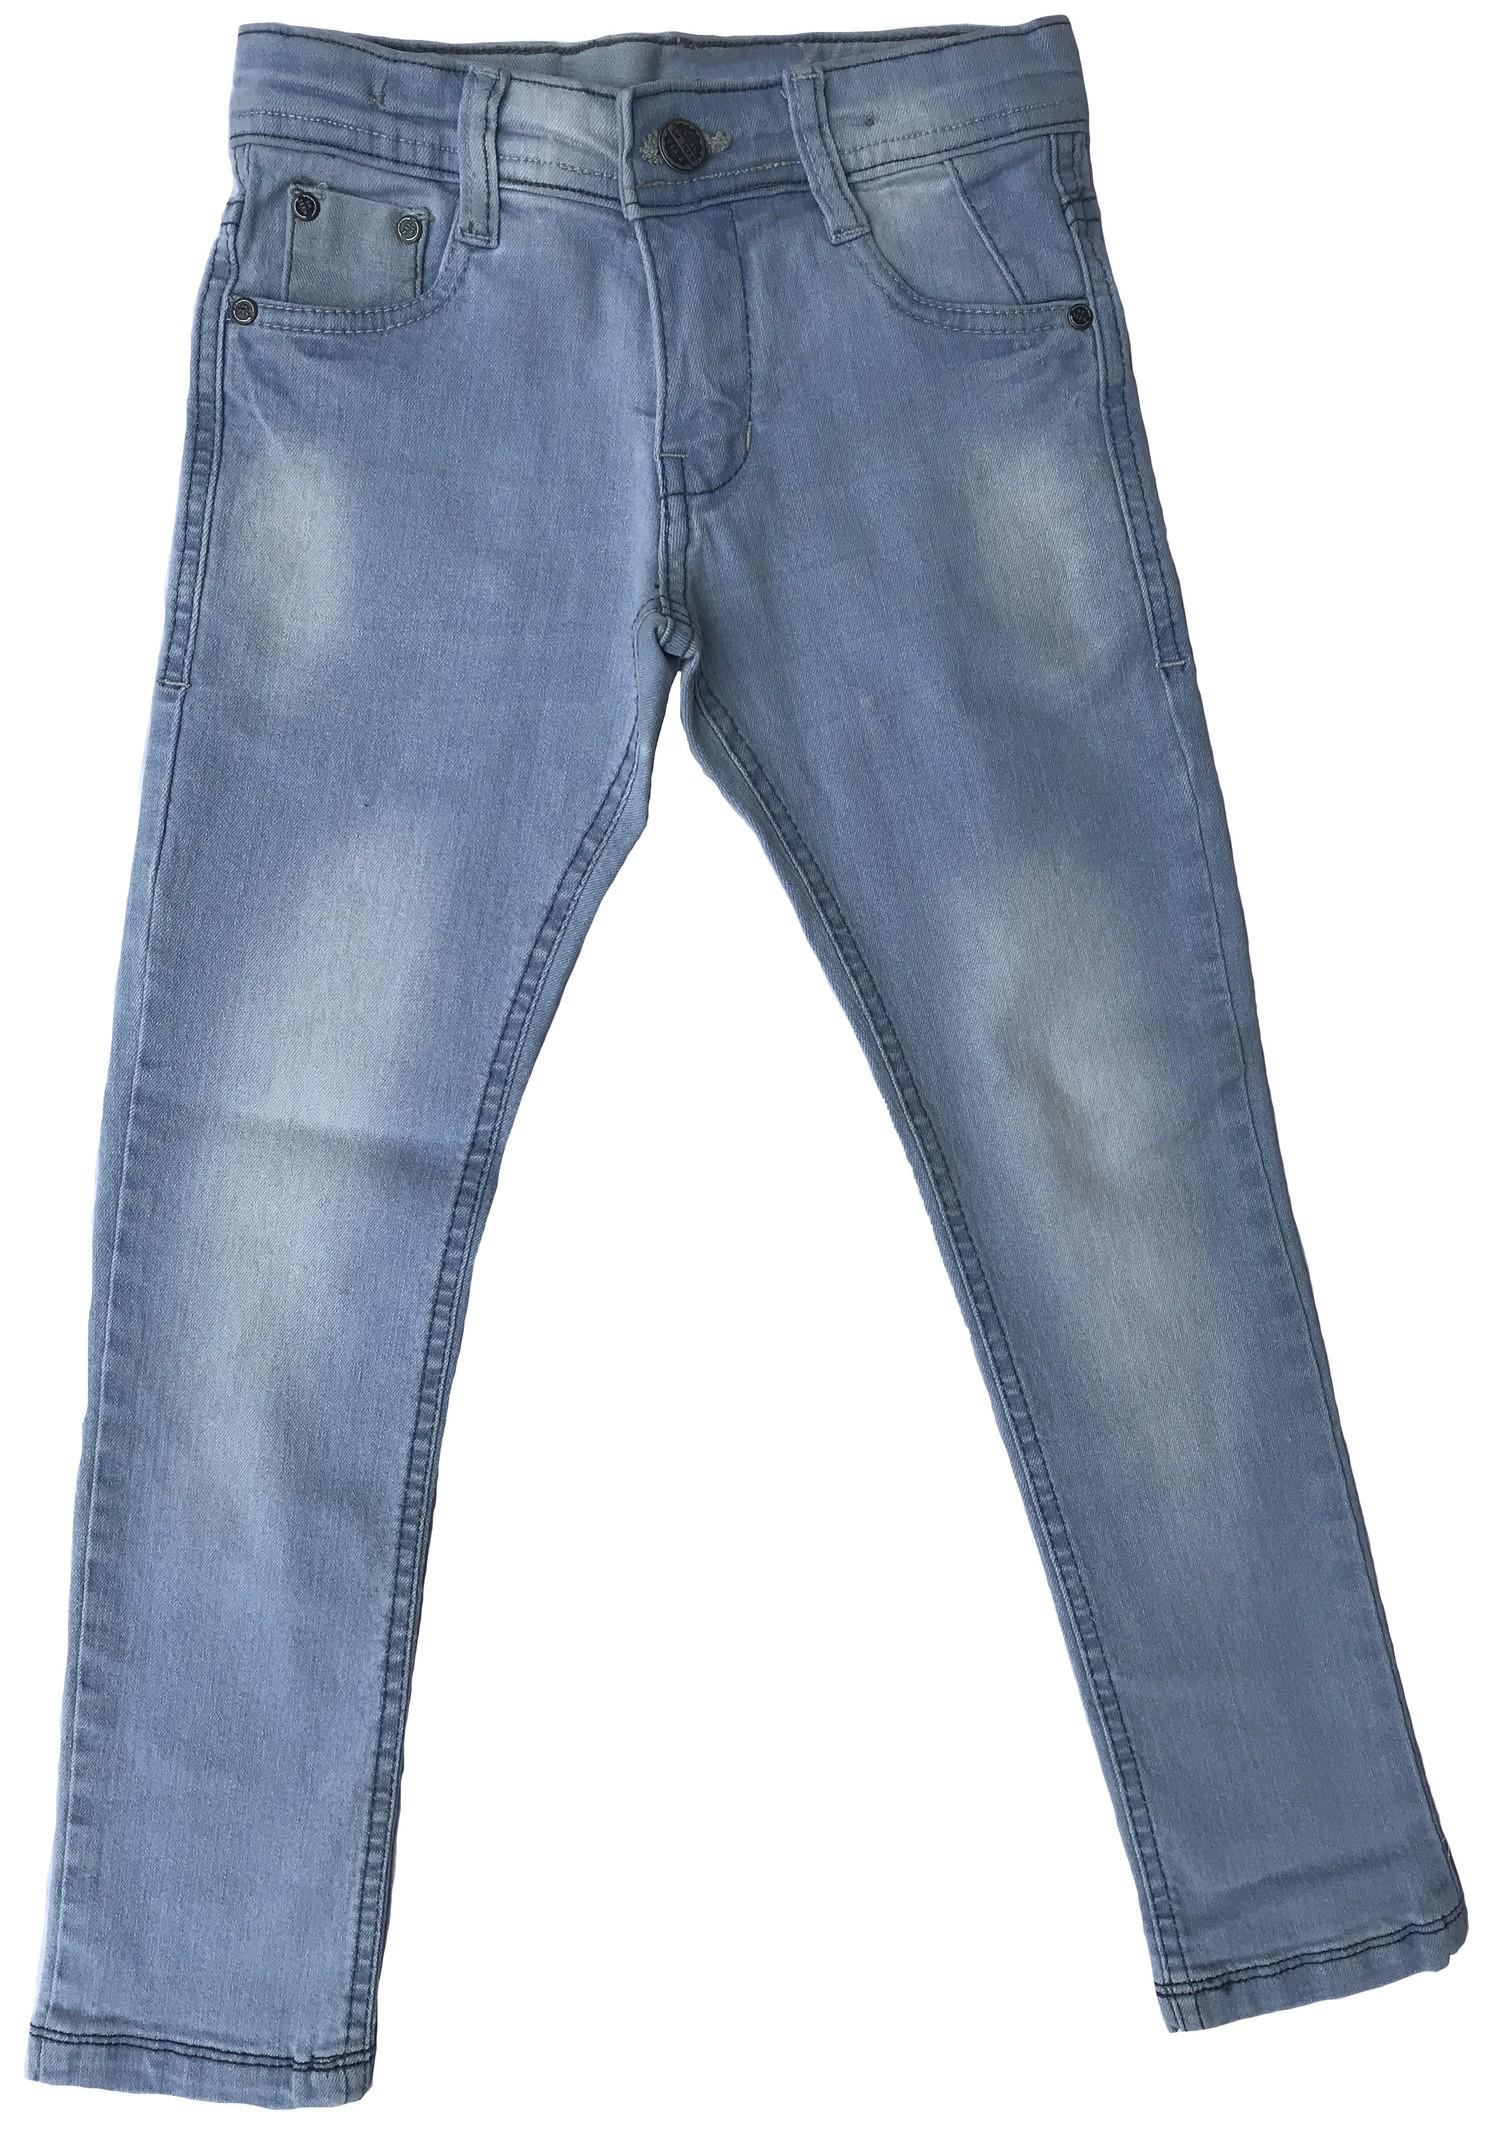 Calça Jeans Masculina Infantil [TV005-2]